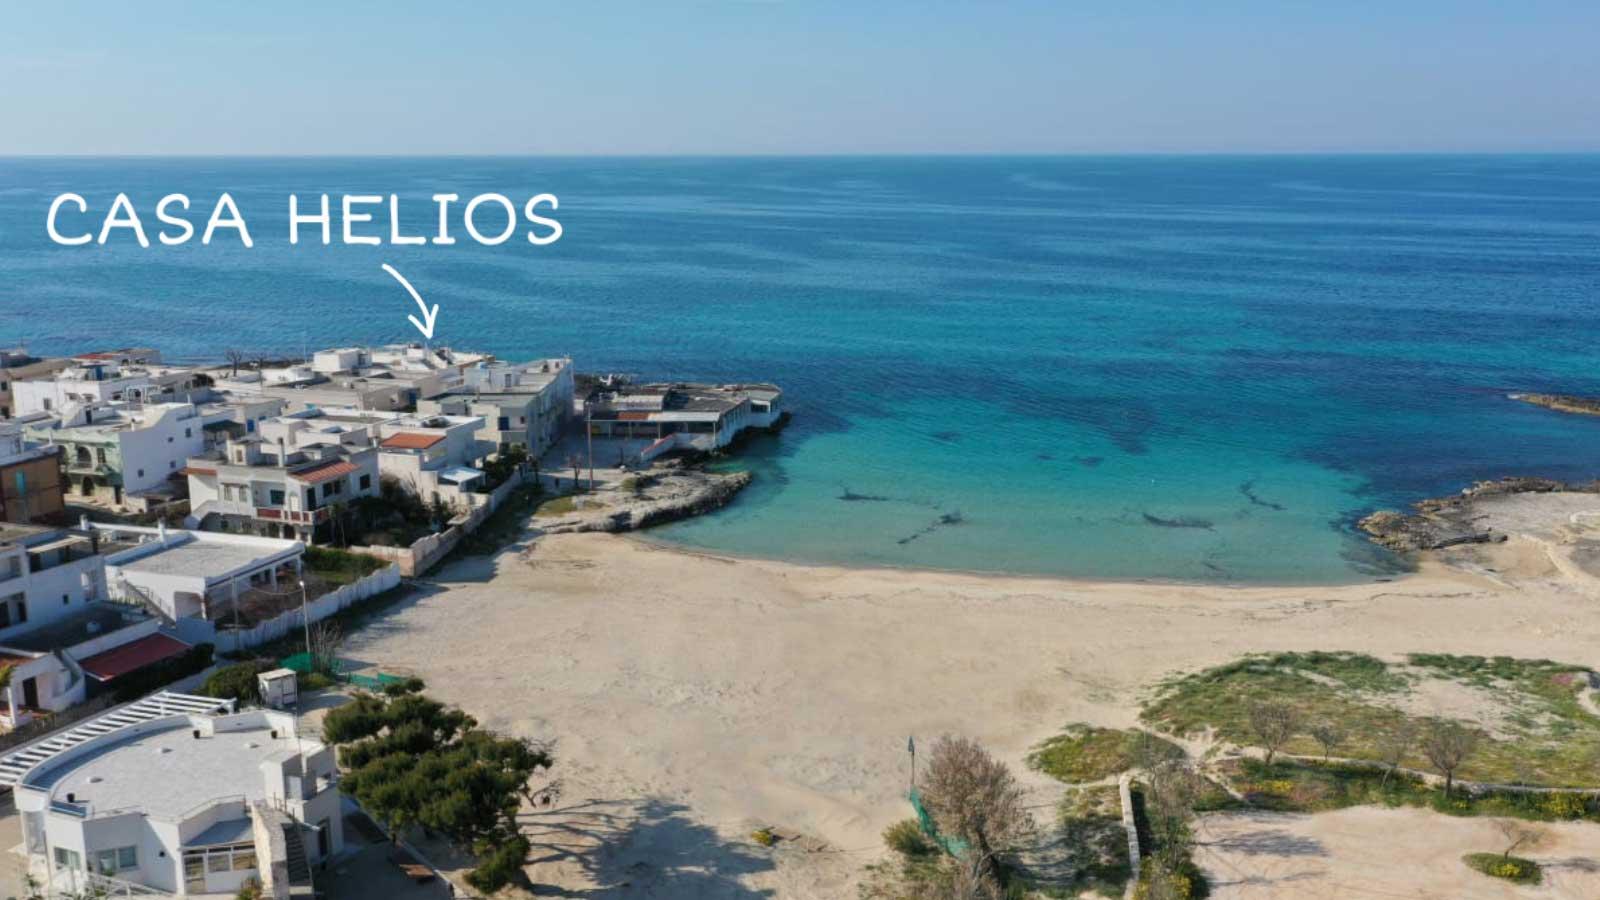 vacanze ostuni casa helios spiaggia drone